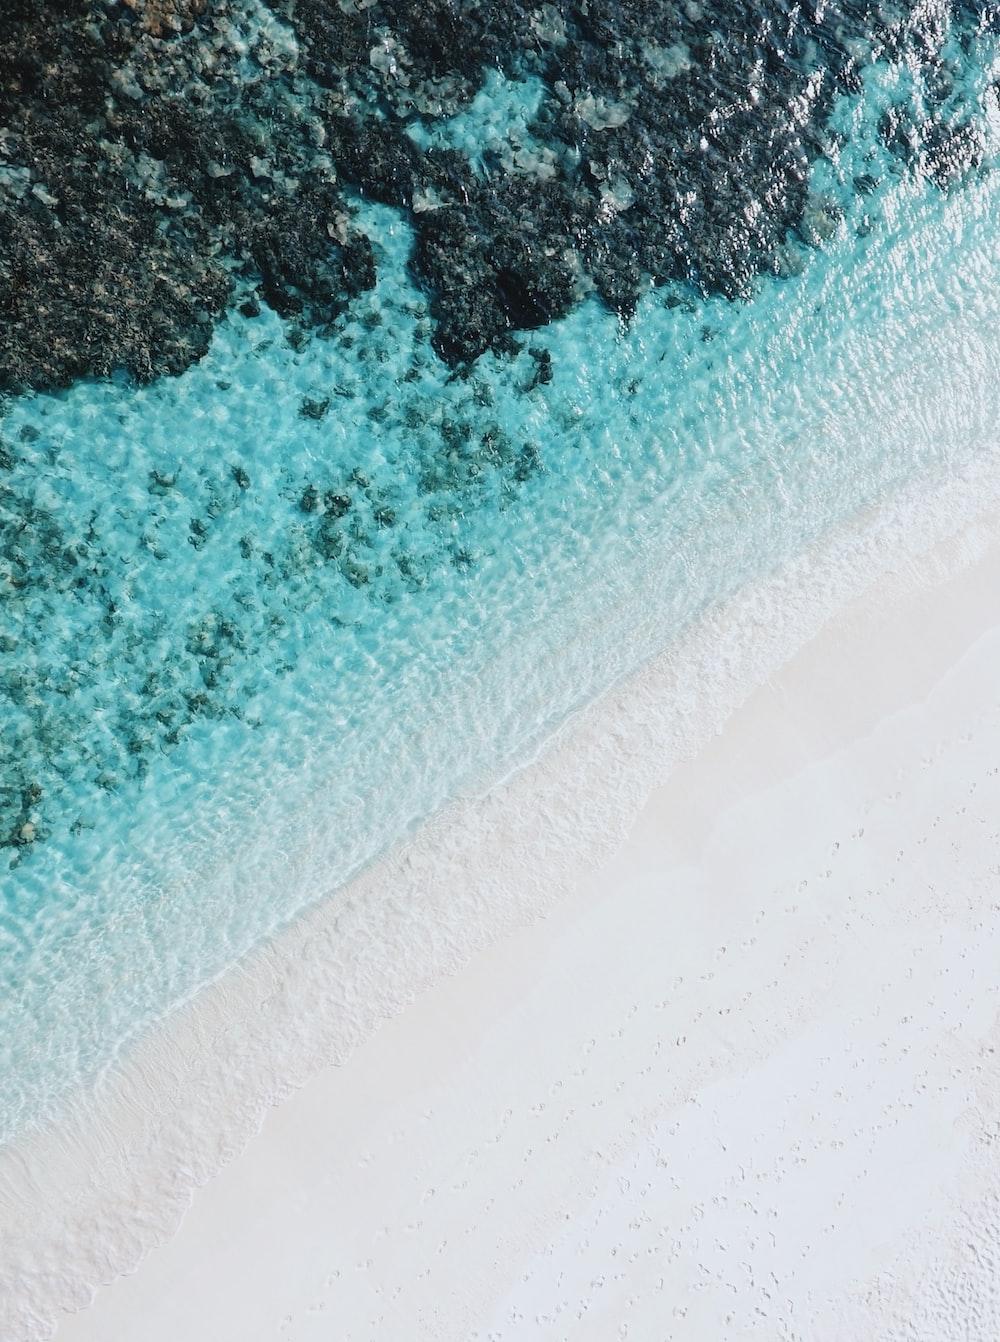 [Full HD] Ảnh nền biển cả siêu đẹp Photo-1484638674449-f648c50528c1?ixlib=rb-1.2